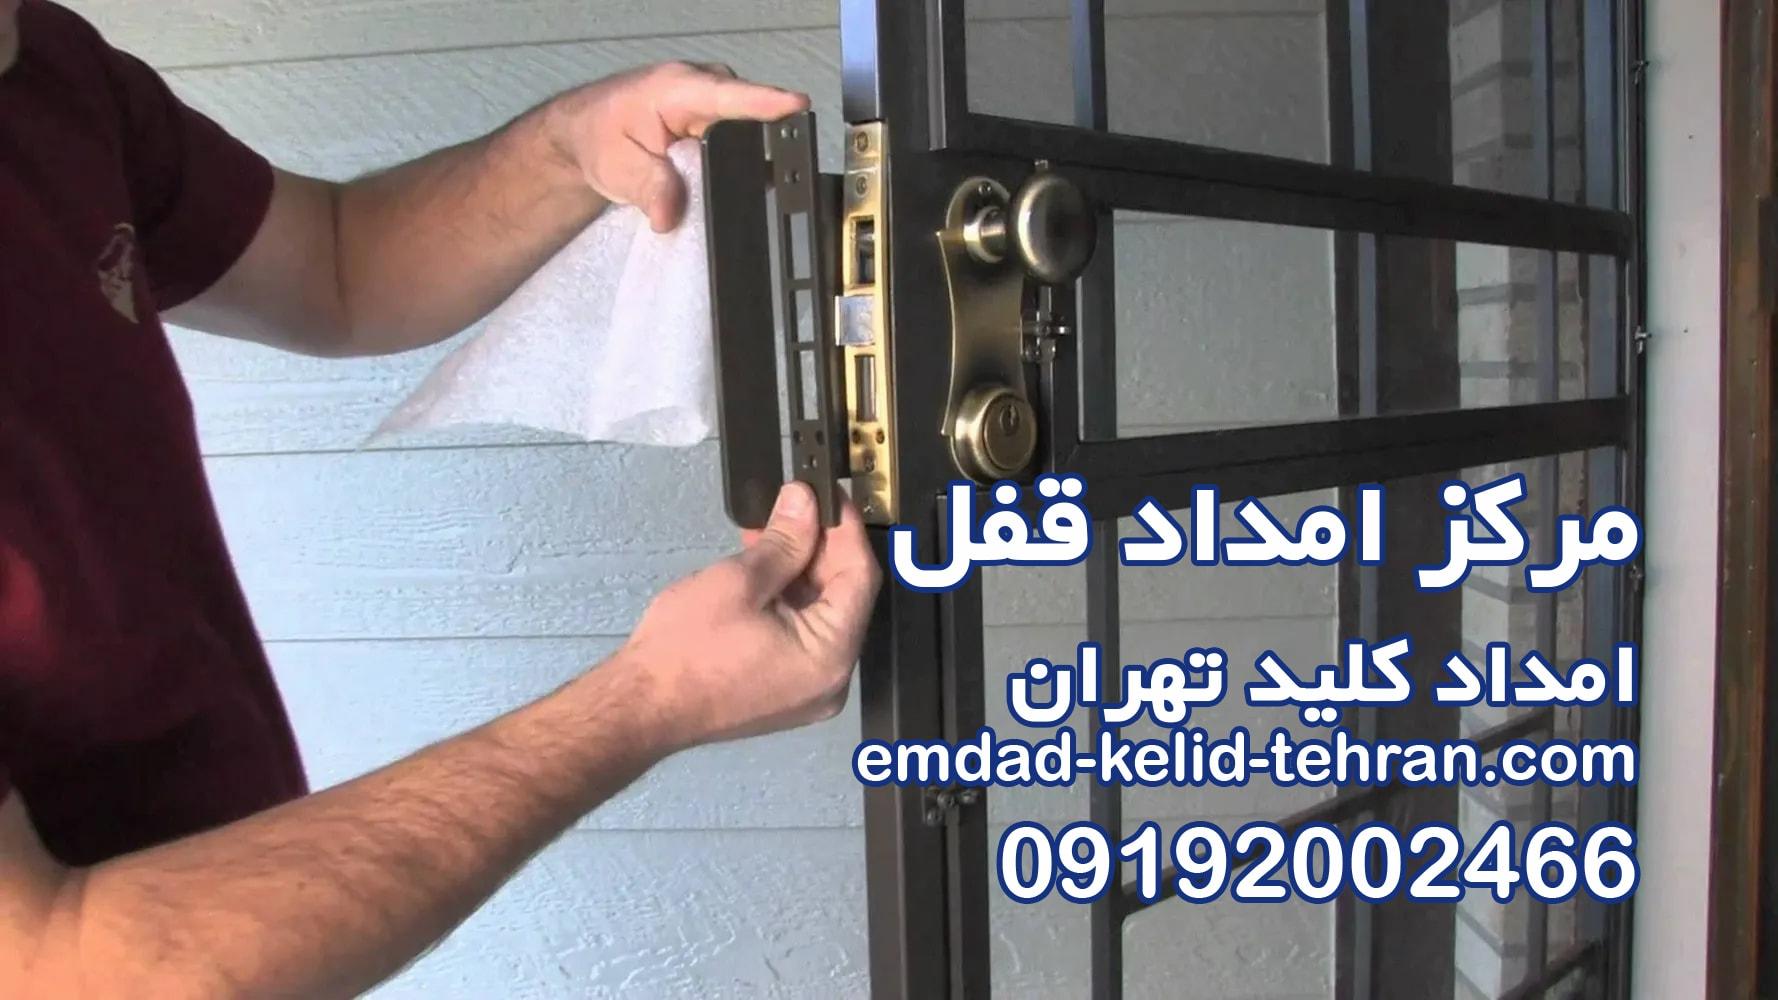 مرکز امداد قفل